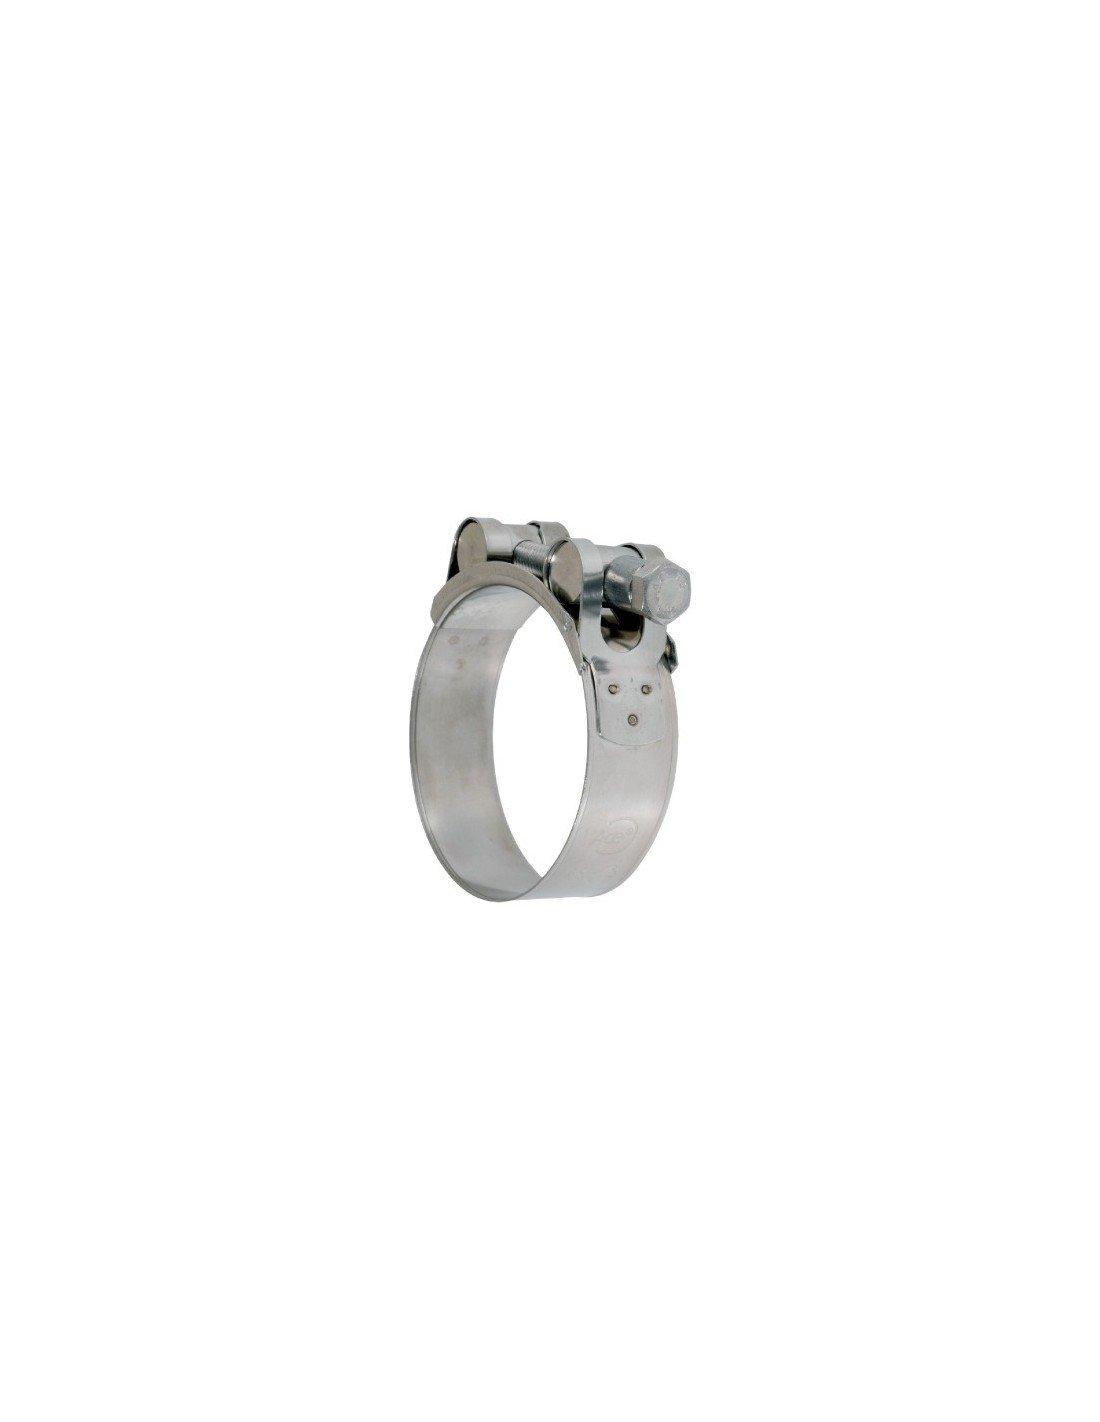 Collier à tourillons inox W4 Ace - Diamètre 104 - 112 mm - Vendu par 1 Bricodeal